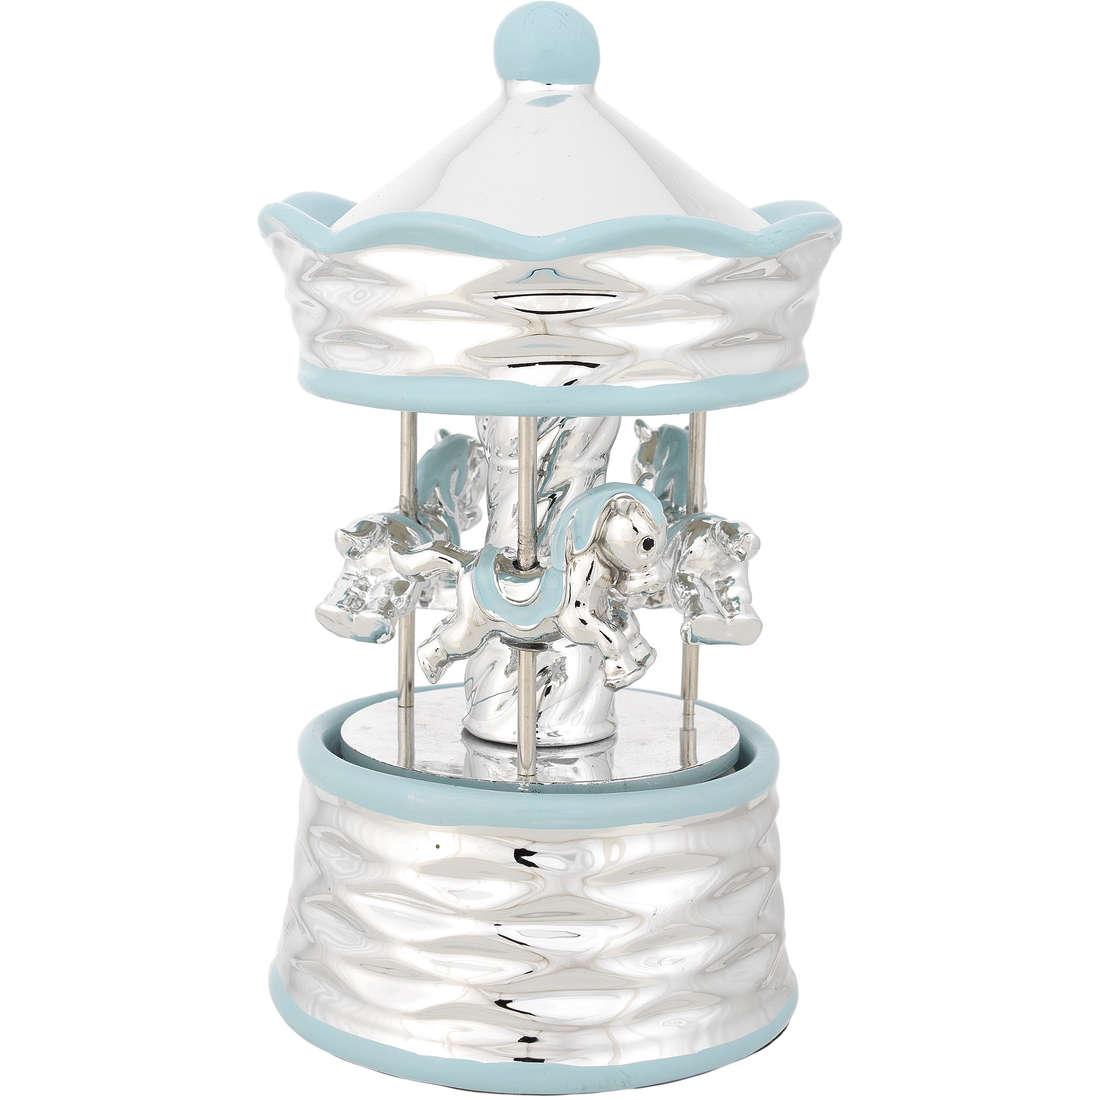 accessori neonato Bagutta B 4167-03 A